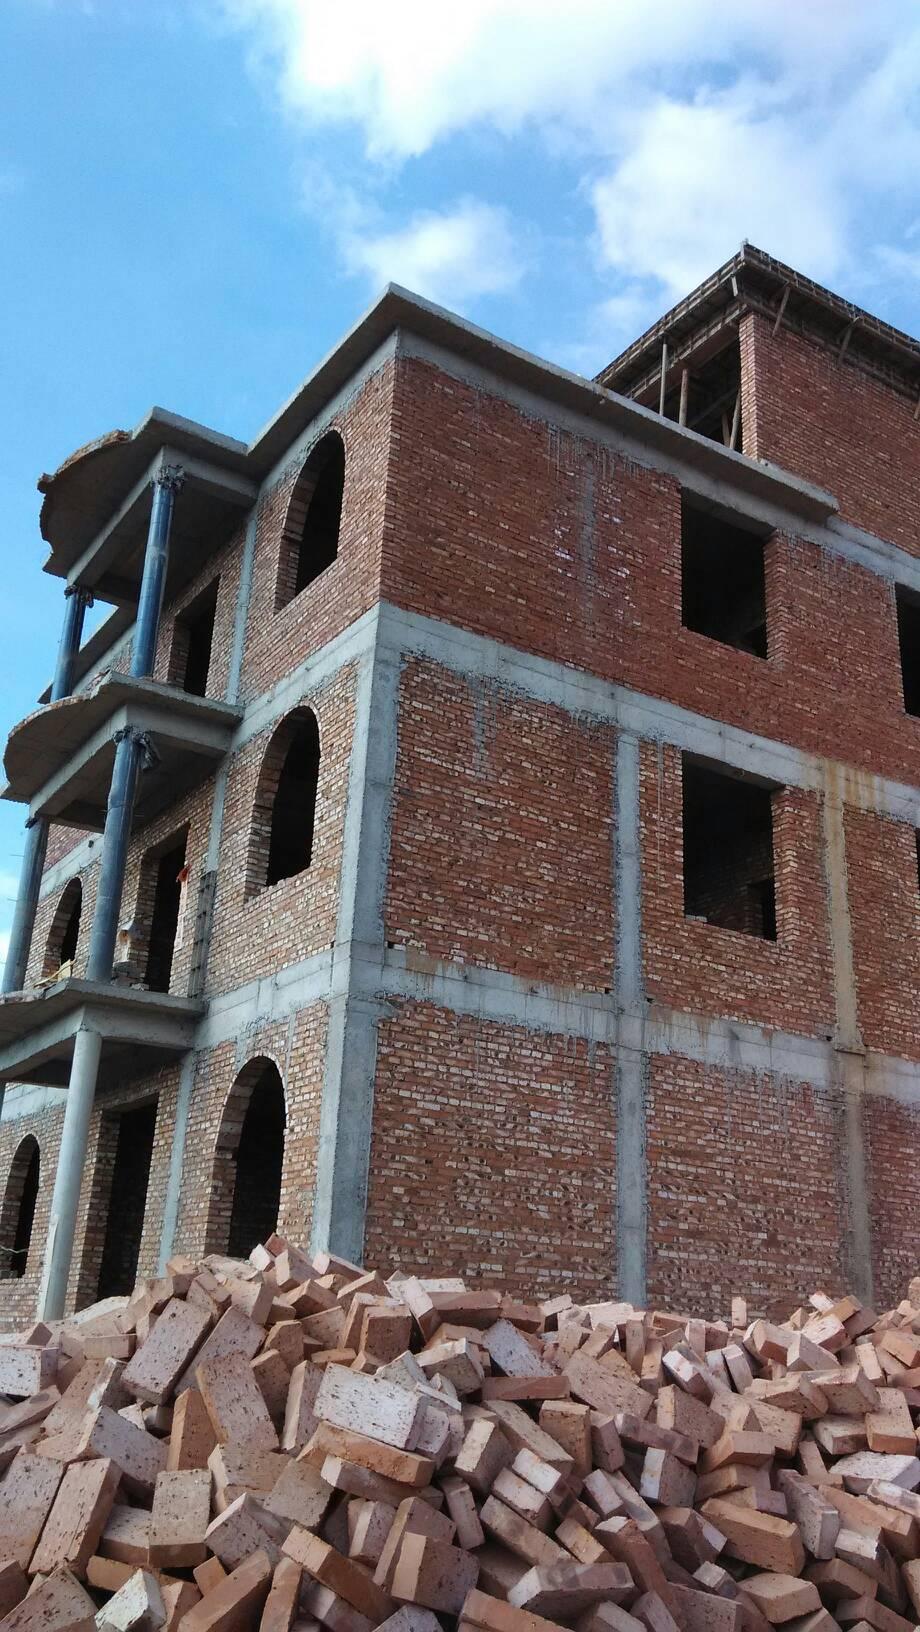 门柱小农村用了浅黄外墙砖该搭配颜色别墅和窗套好看?金亚花园别墅图片